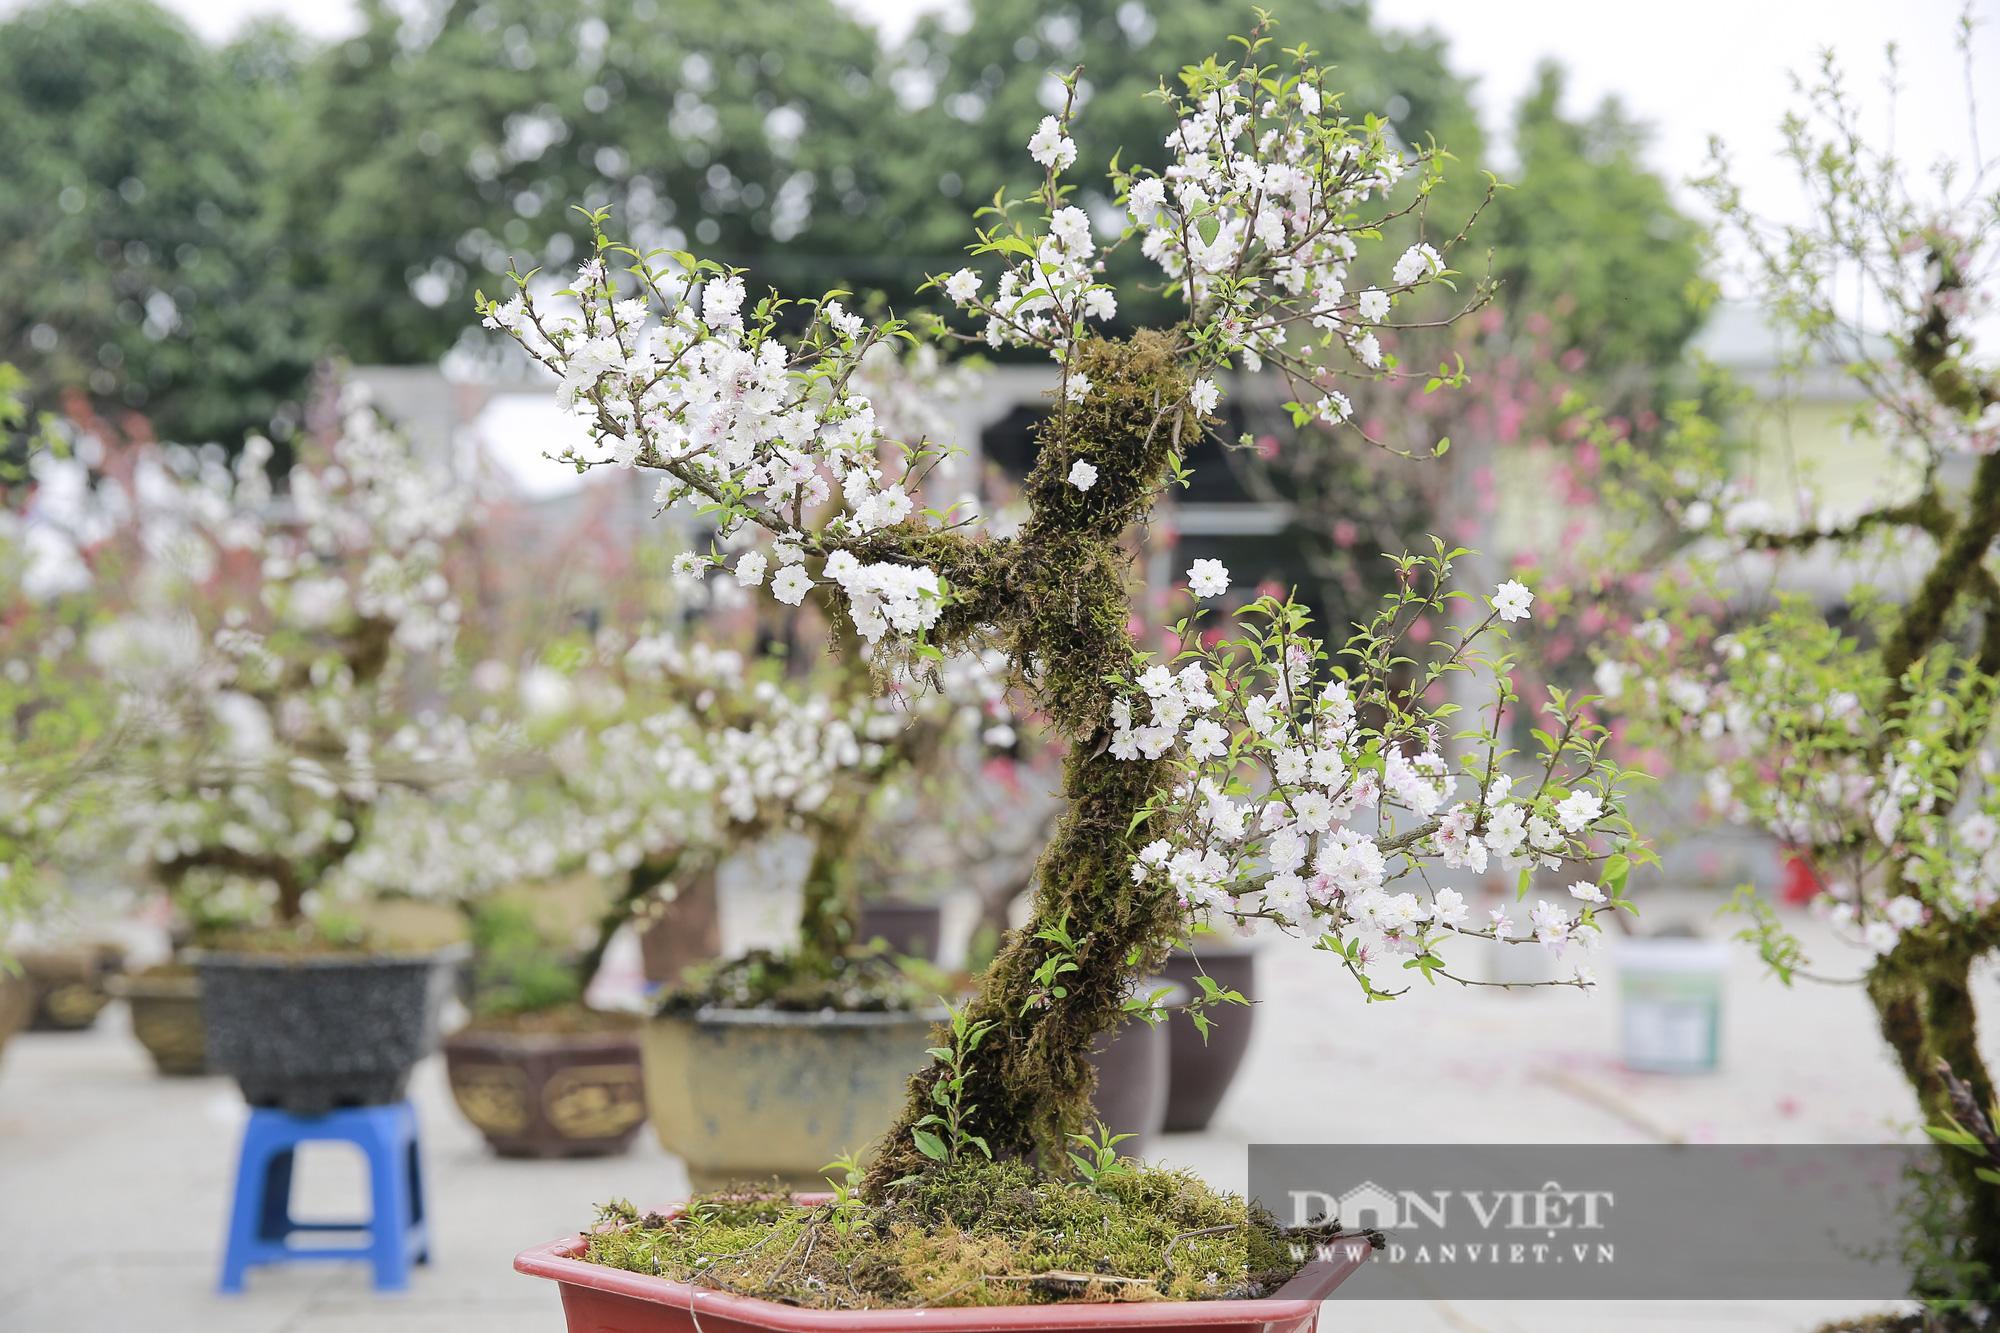 """Loài cây quý hiếm để trong nhà là """"sang"""" hút khách dịp Tết Nguyên đán - Ảnh 3."""